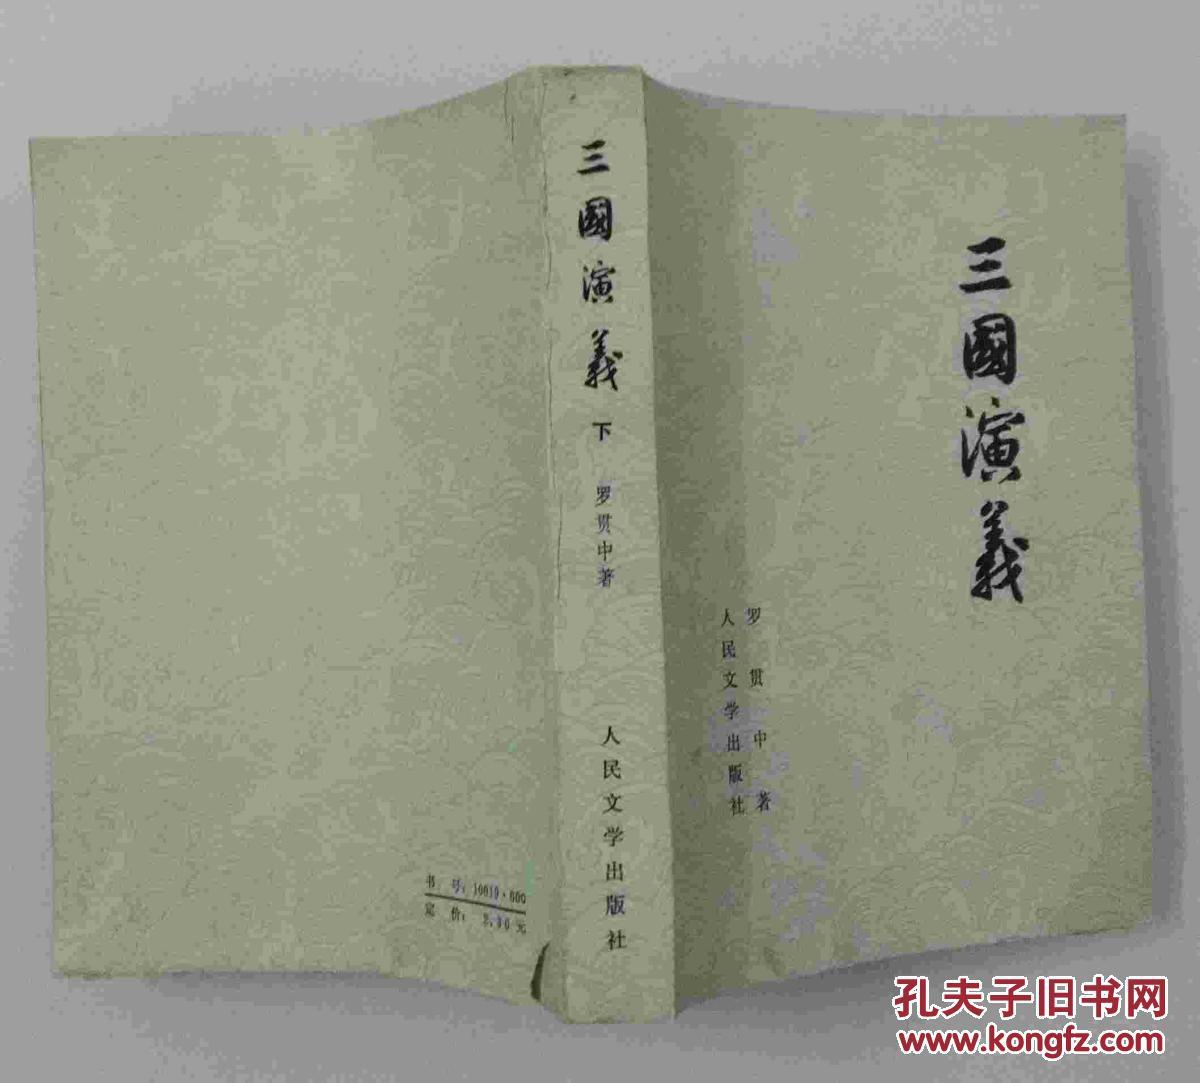 三国演义(下)图片